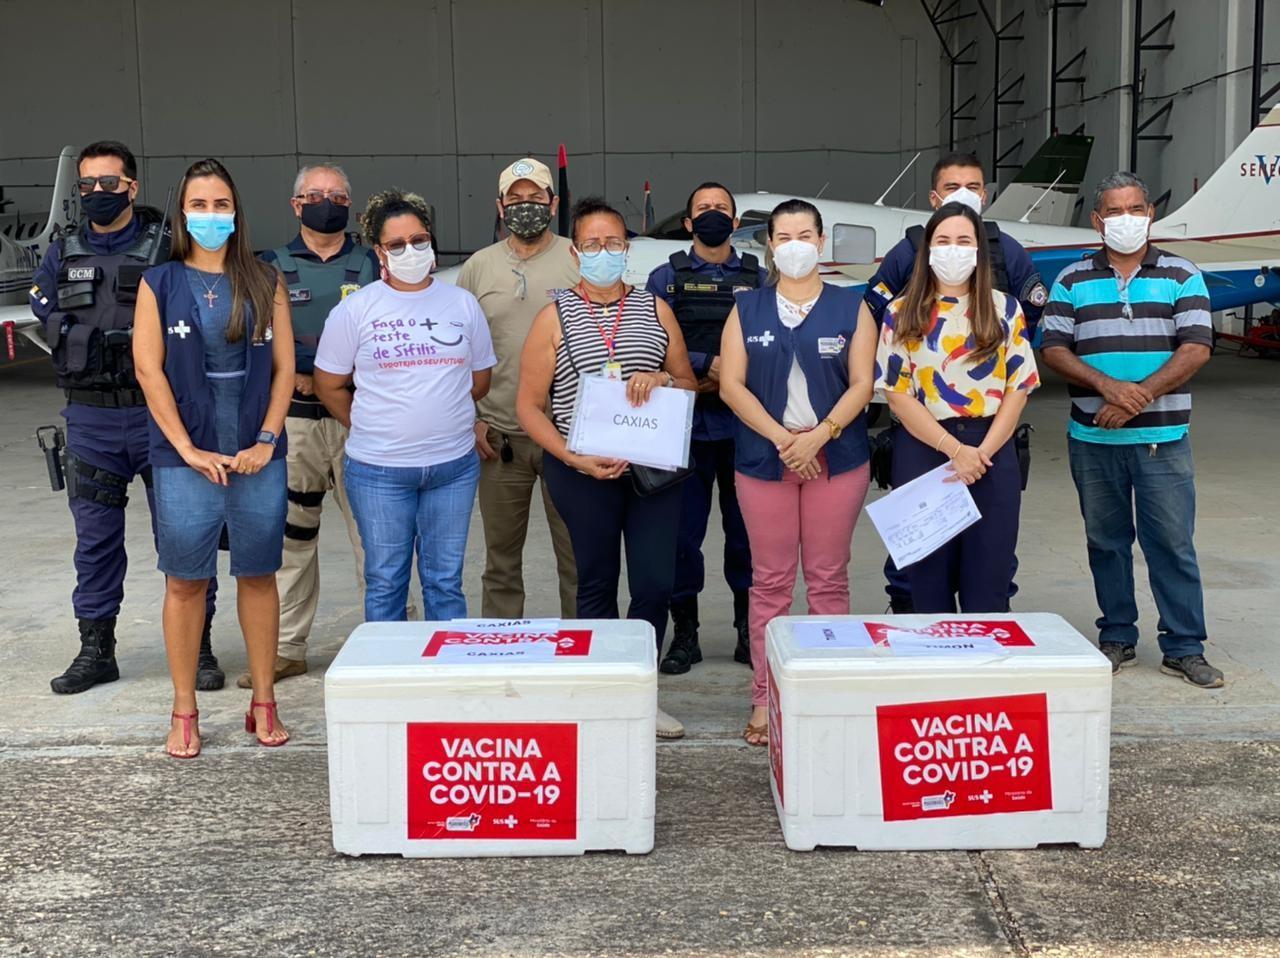 Maranhão recebe mais de 190 mil doses de vacinas contra a Covid-19